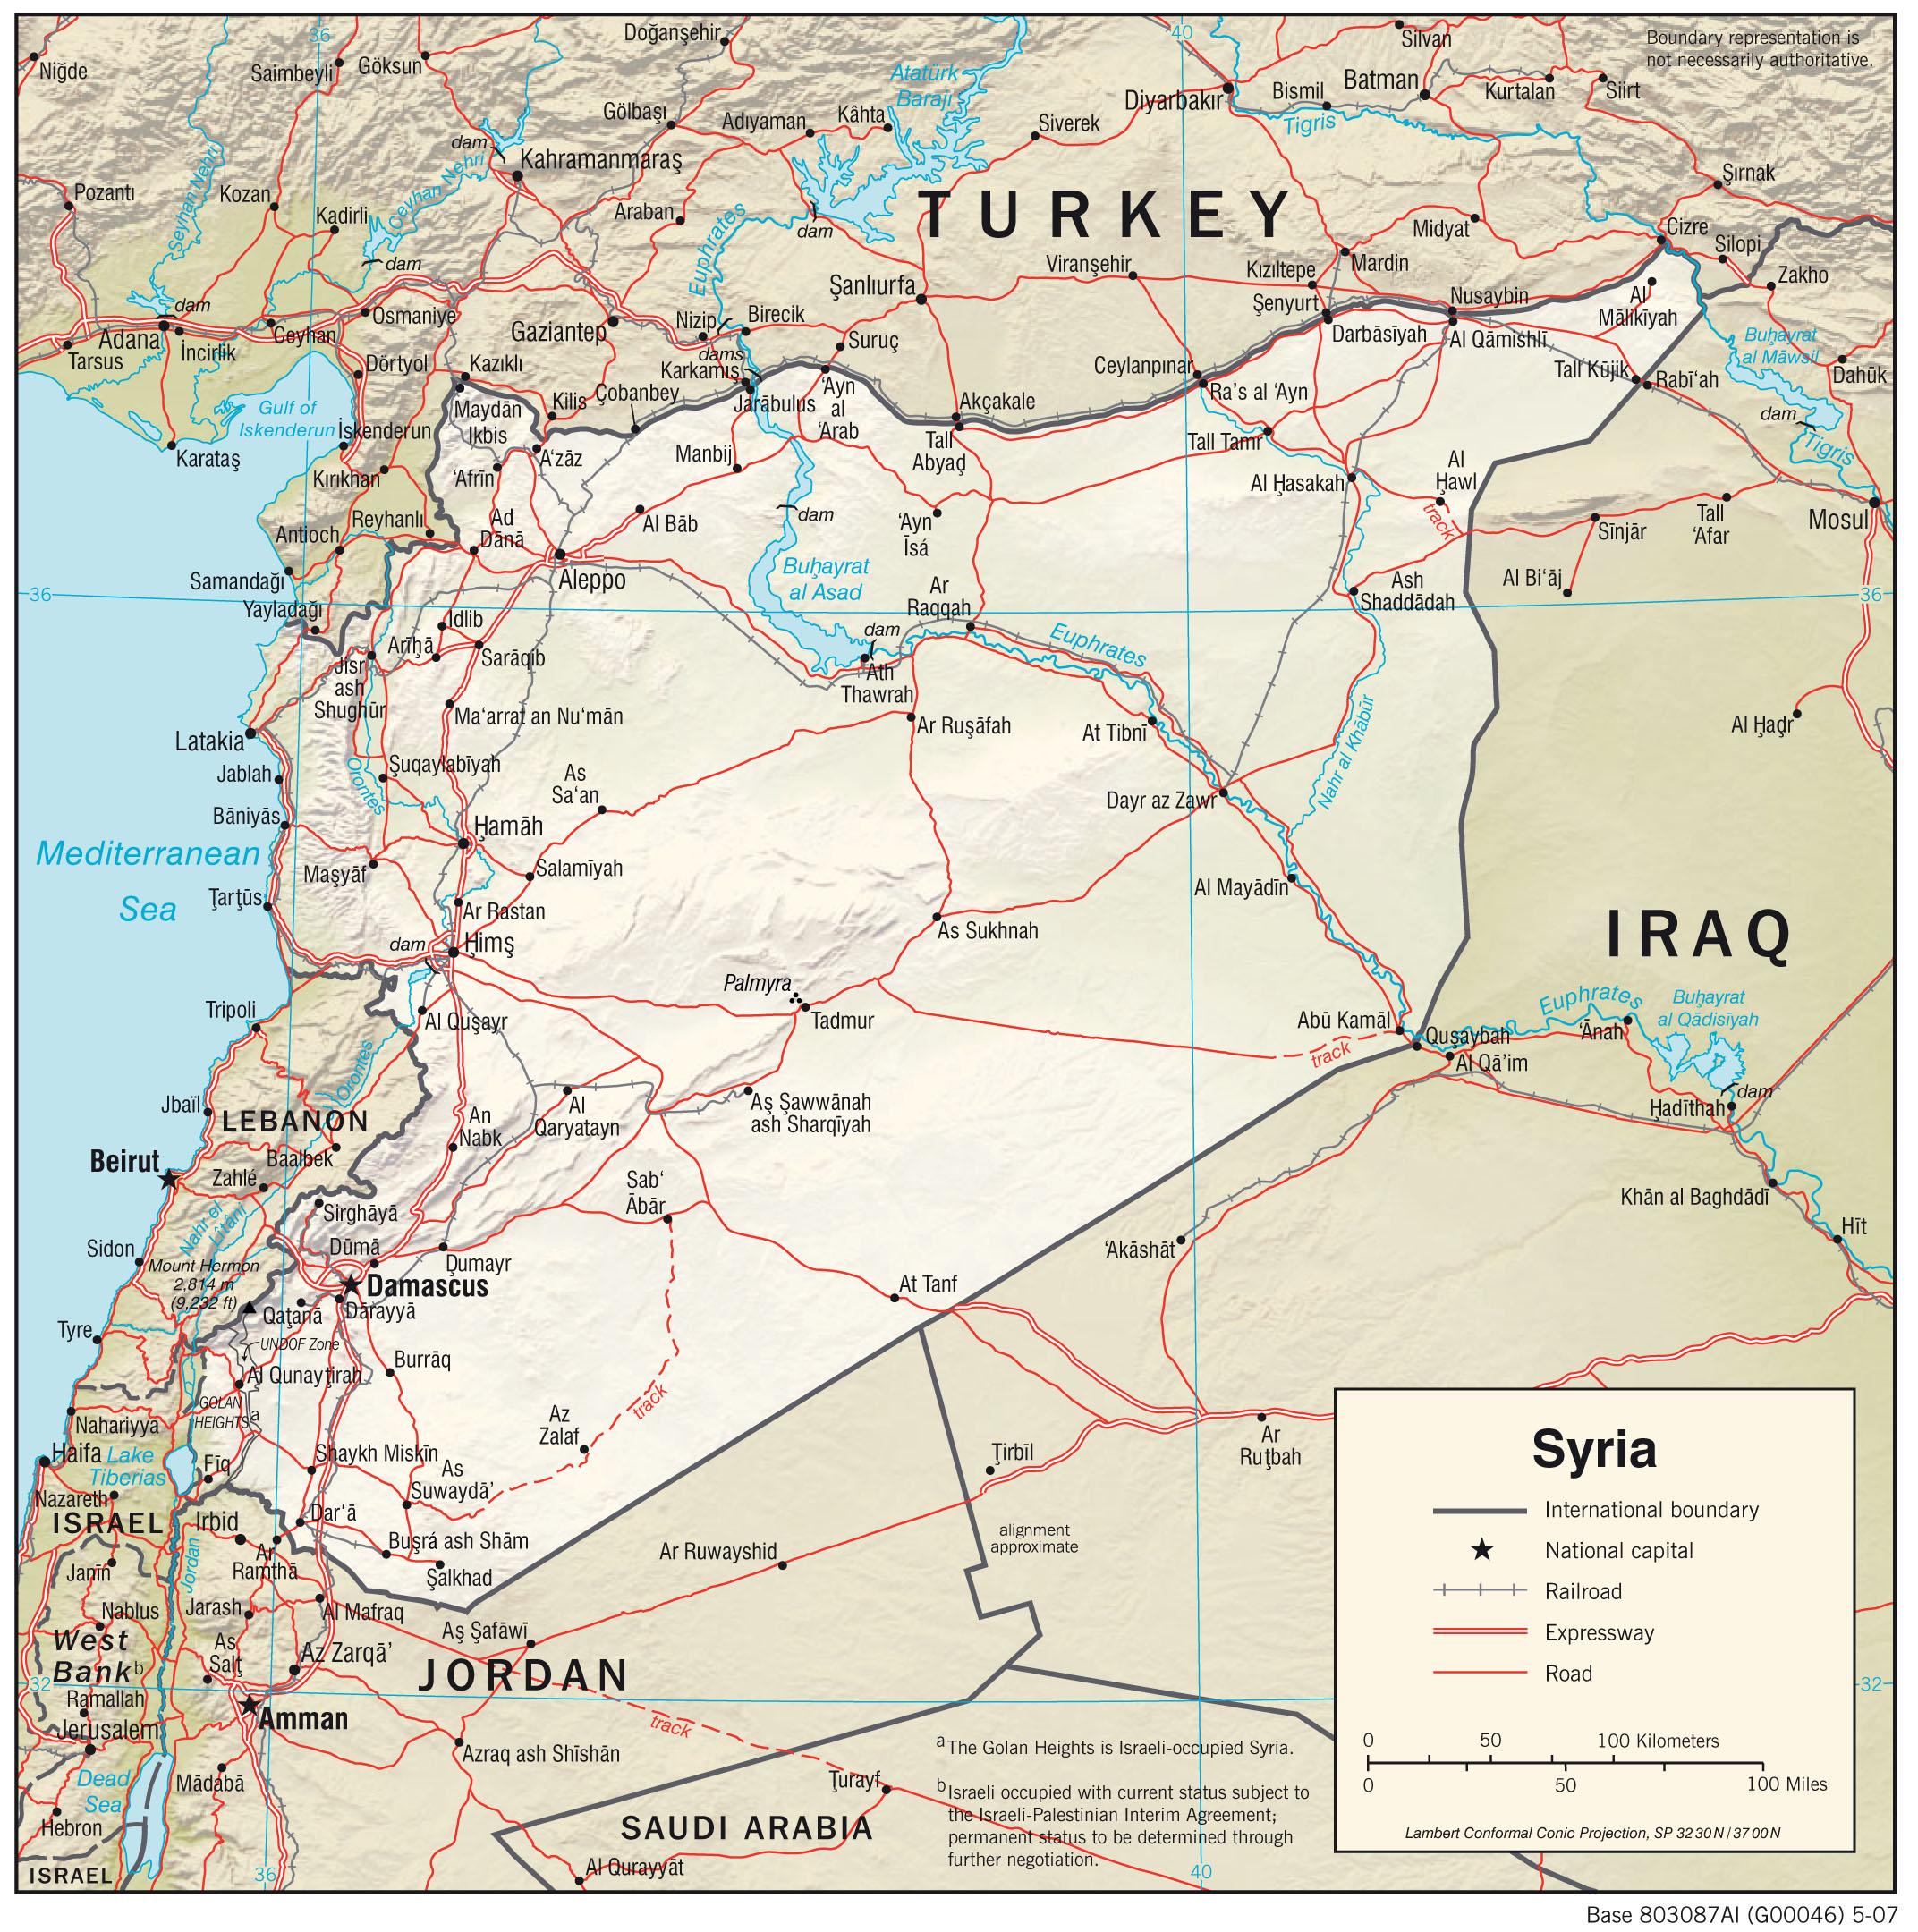 シリア騒乱と修羅の世界情勢